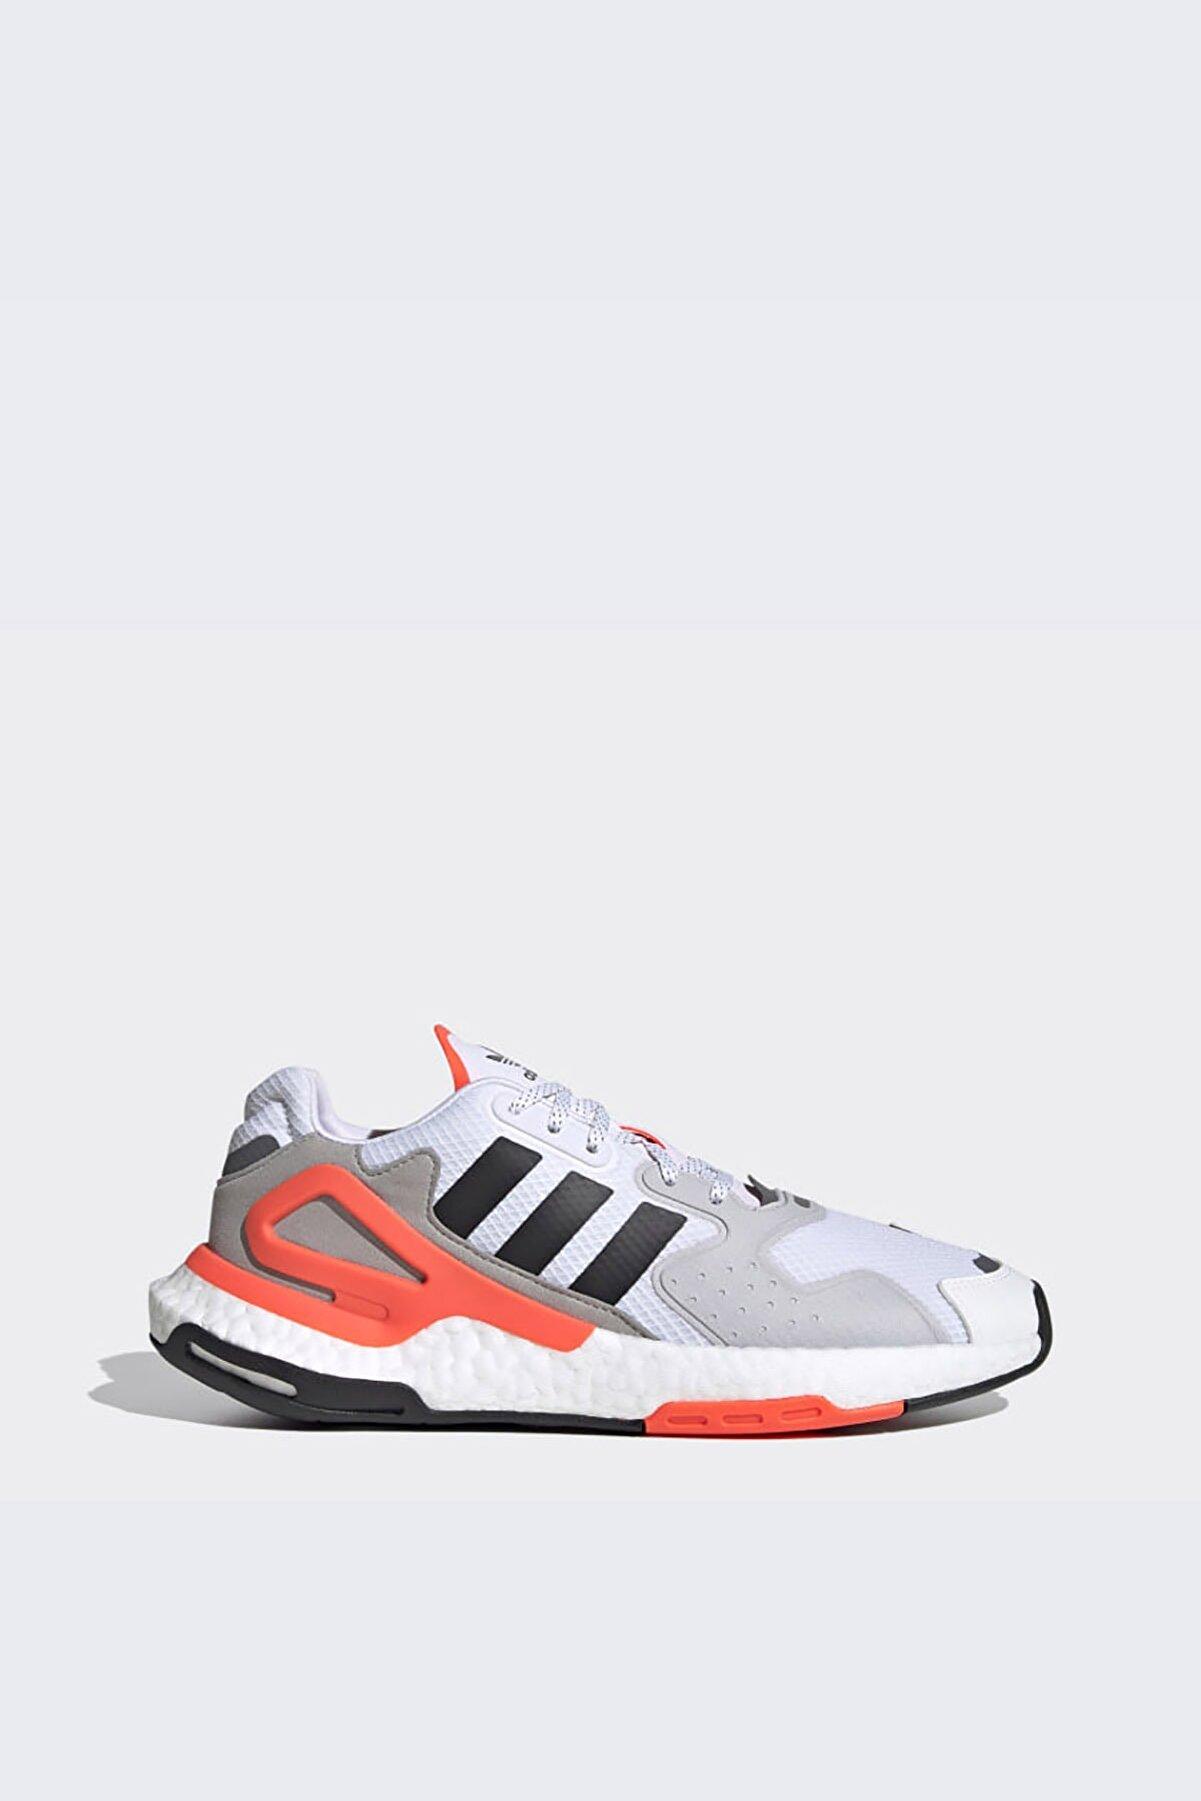 adidas Erkek Günlük Spor Ayakkabı Day Jogger Fy0237